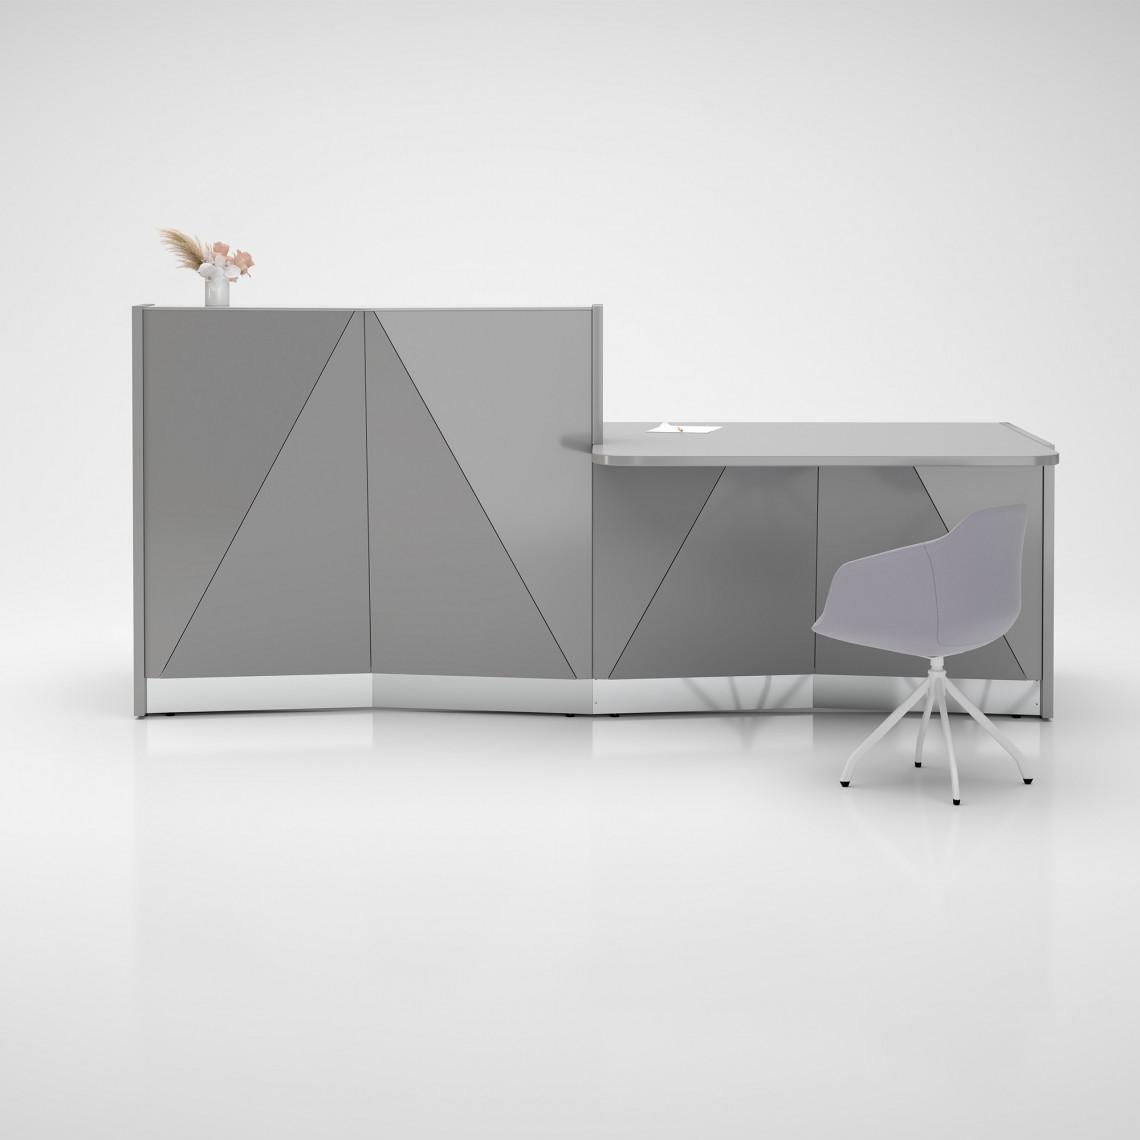 Alpa Modell 4 -Receptionsdisk